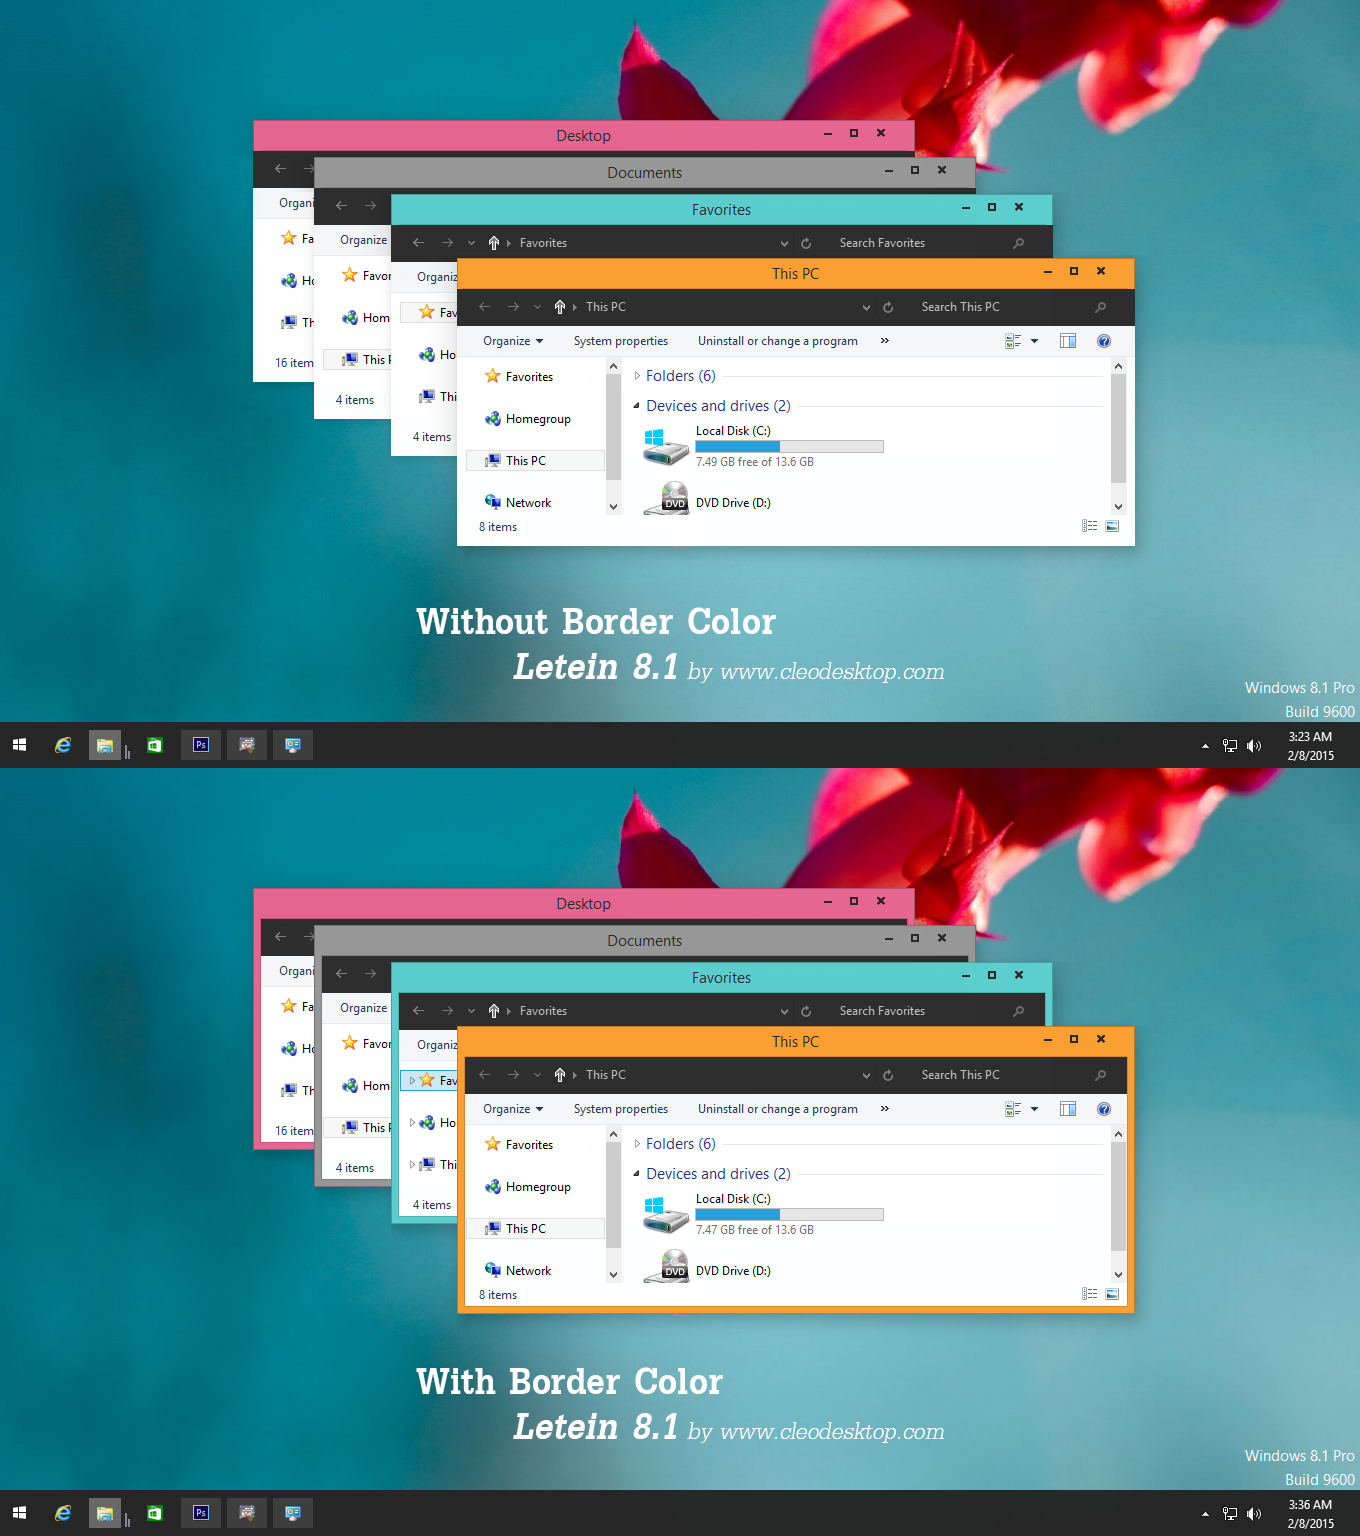 Letein Theme Windows 8.1